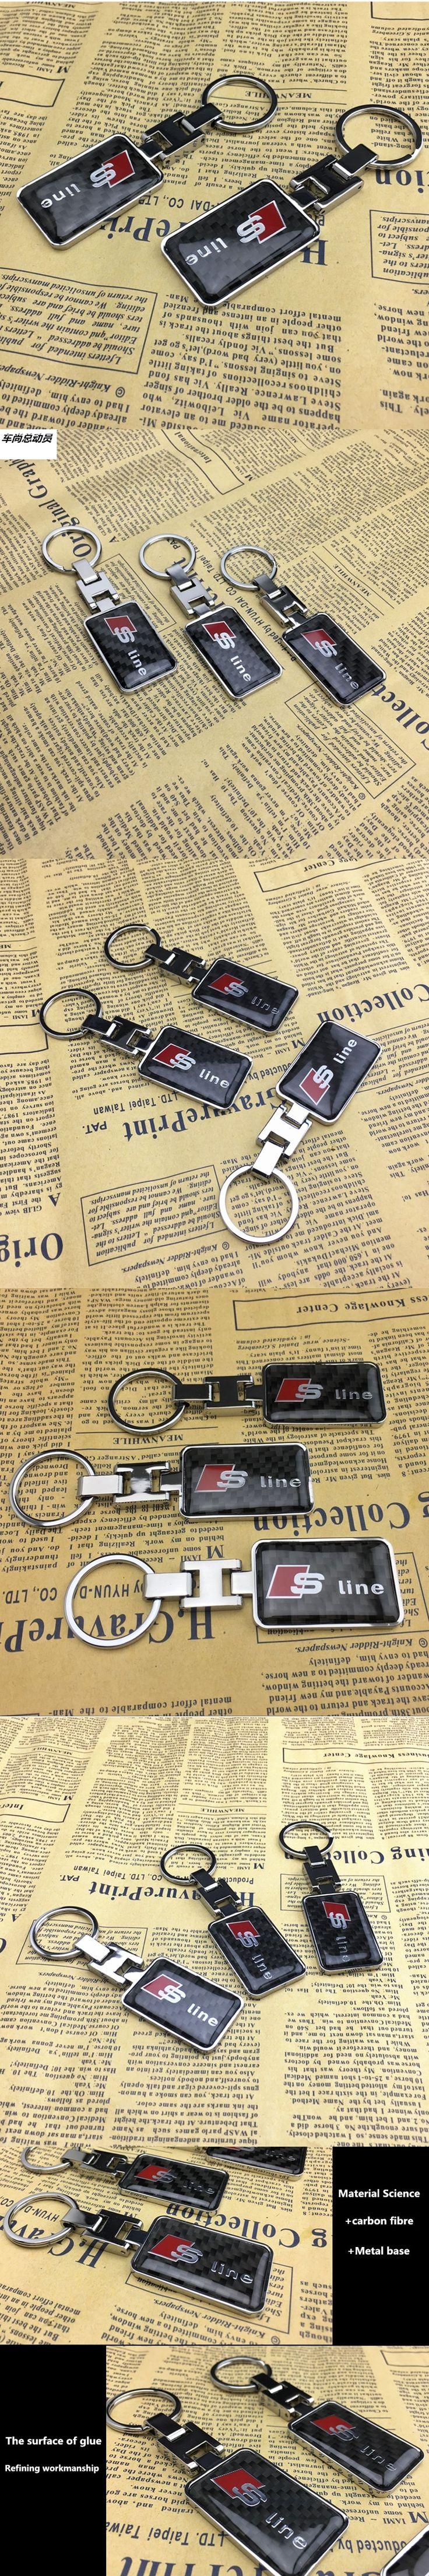 1pcs Hot sale super quality 100% carbon fibre Keychain for Audi Q3 Q5 Sline A3 A5 A6 C5 A4 B6 B7 B8 TT 80 S6 C6 Auto Accessories